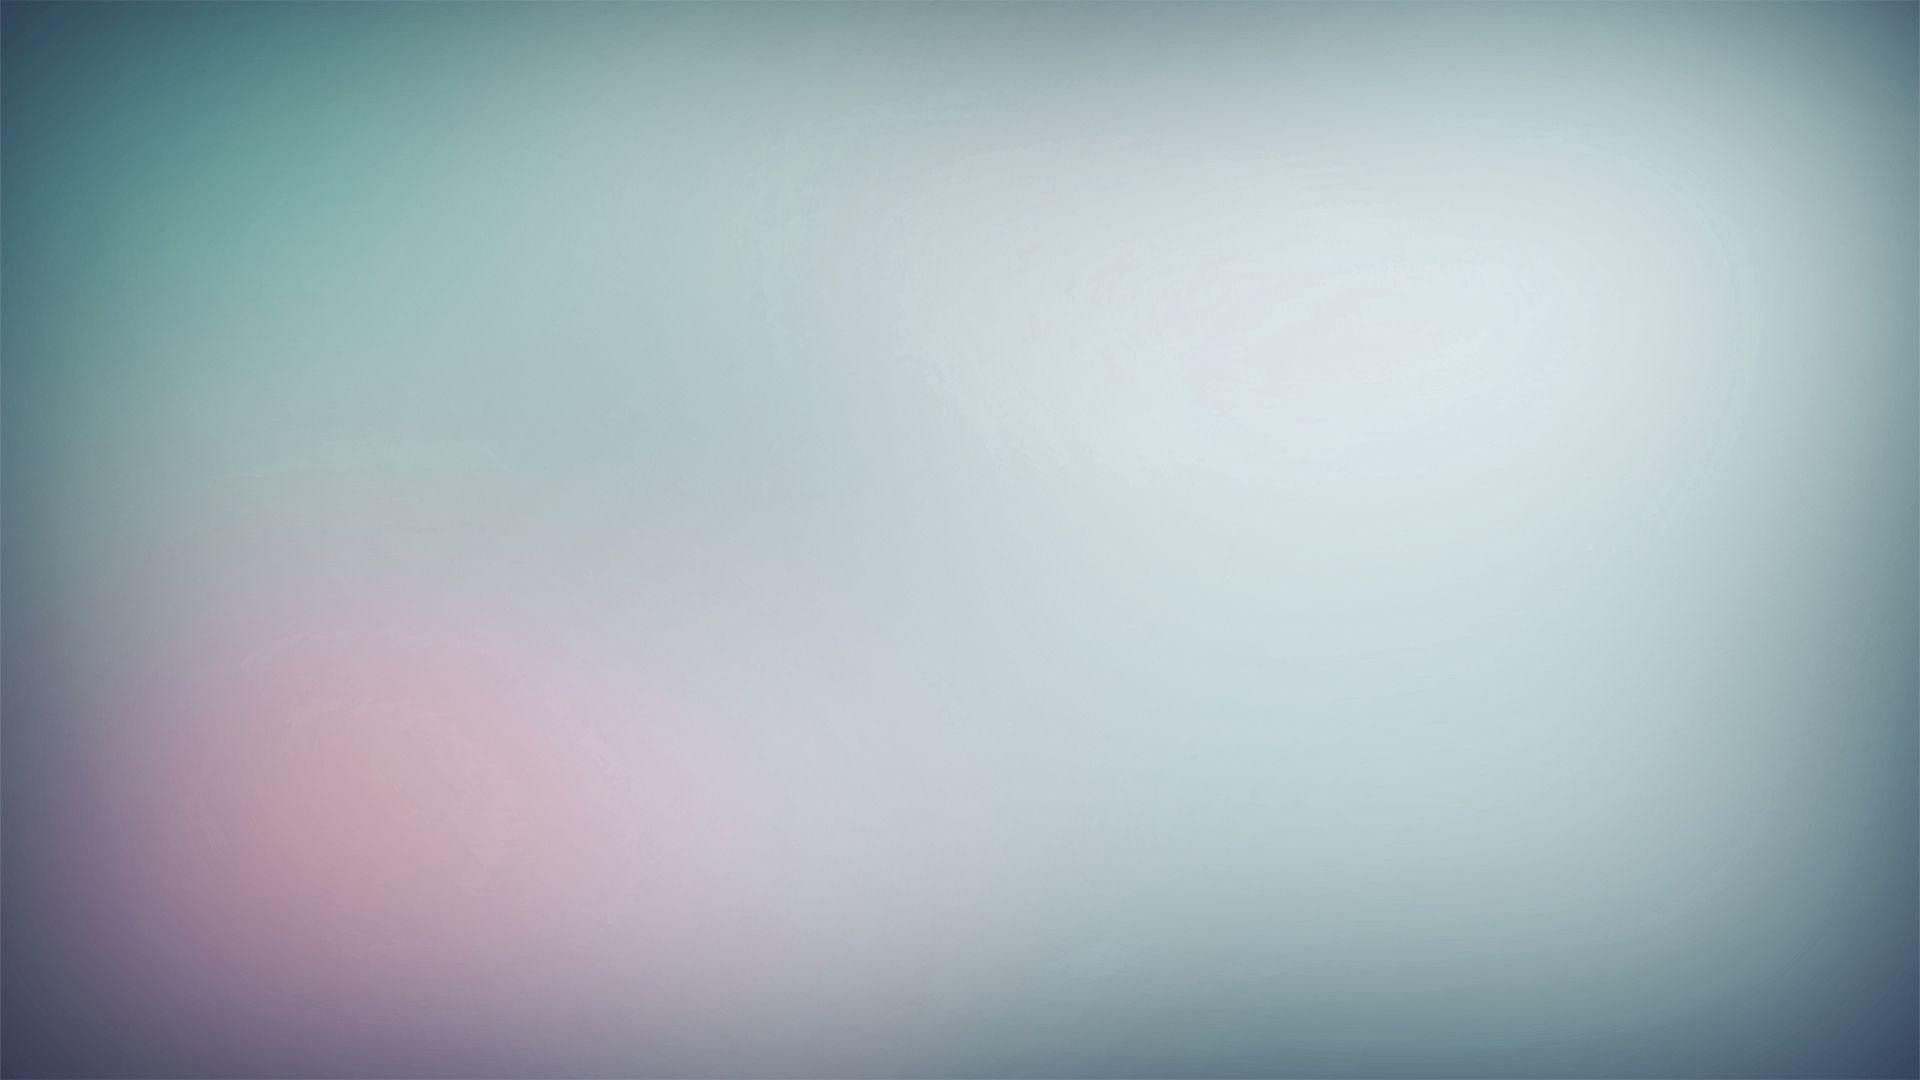 122256 скачать обои Текстуры, Фон, Пятна, Текстура, Поверхность, Блеклый - заставки и картинки бесплатно